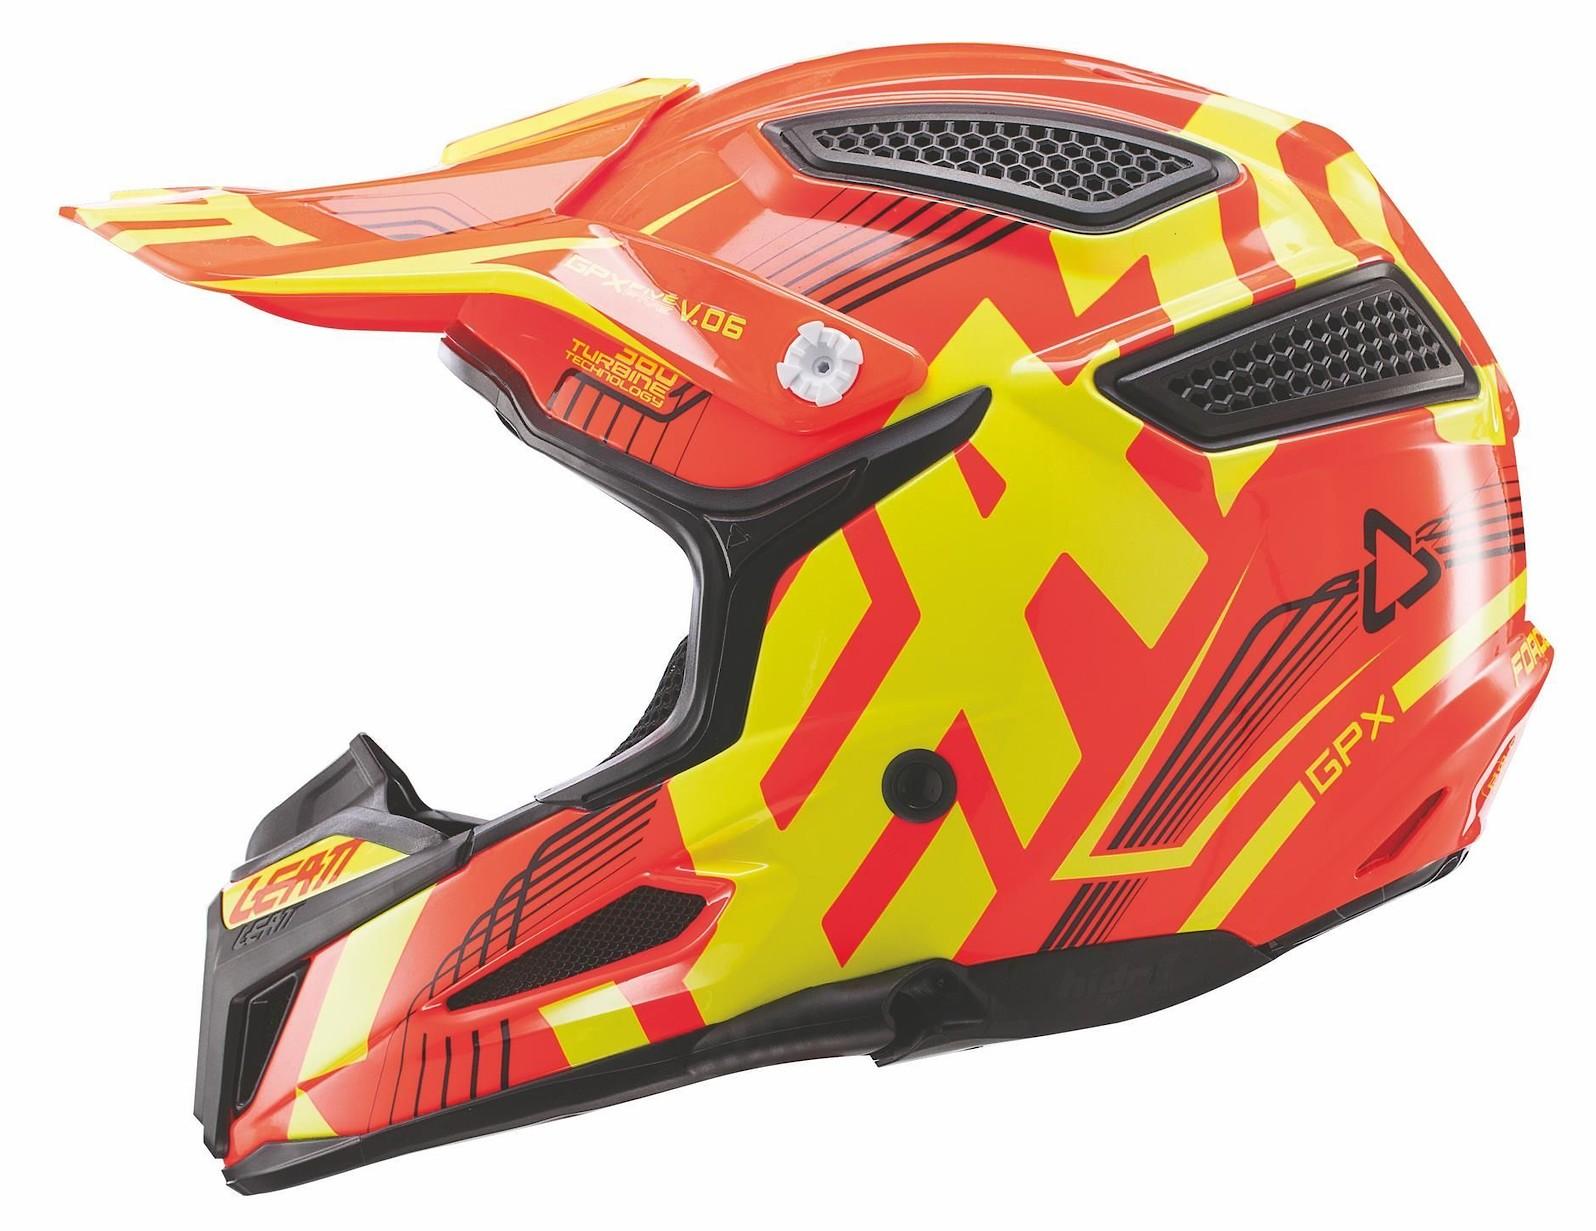 helmet_gpx_5.5_jr_v06_org-yel